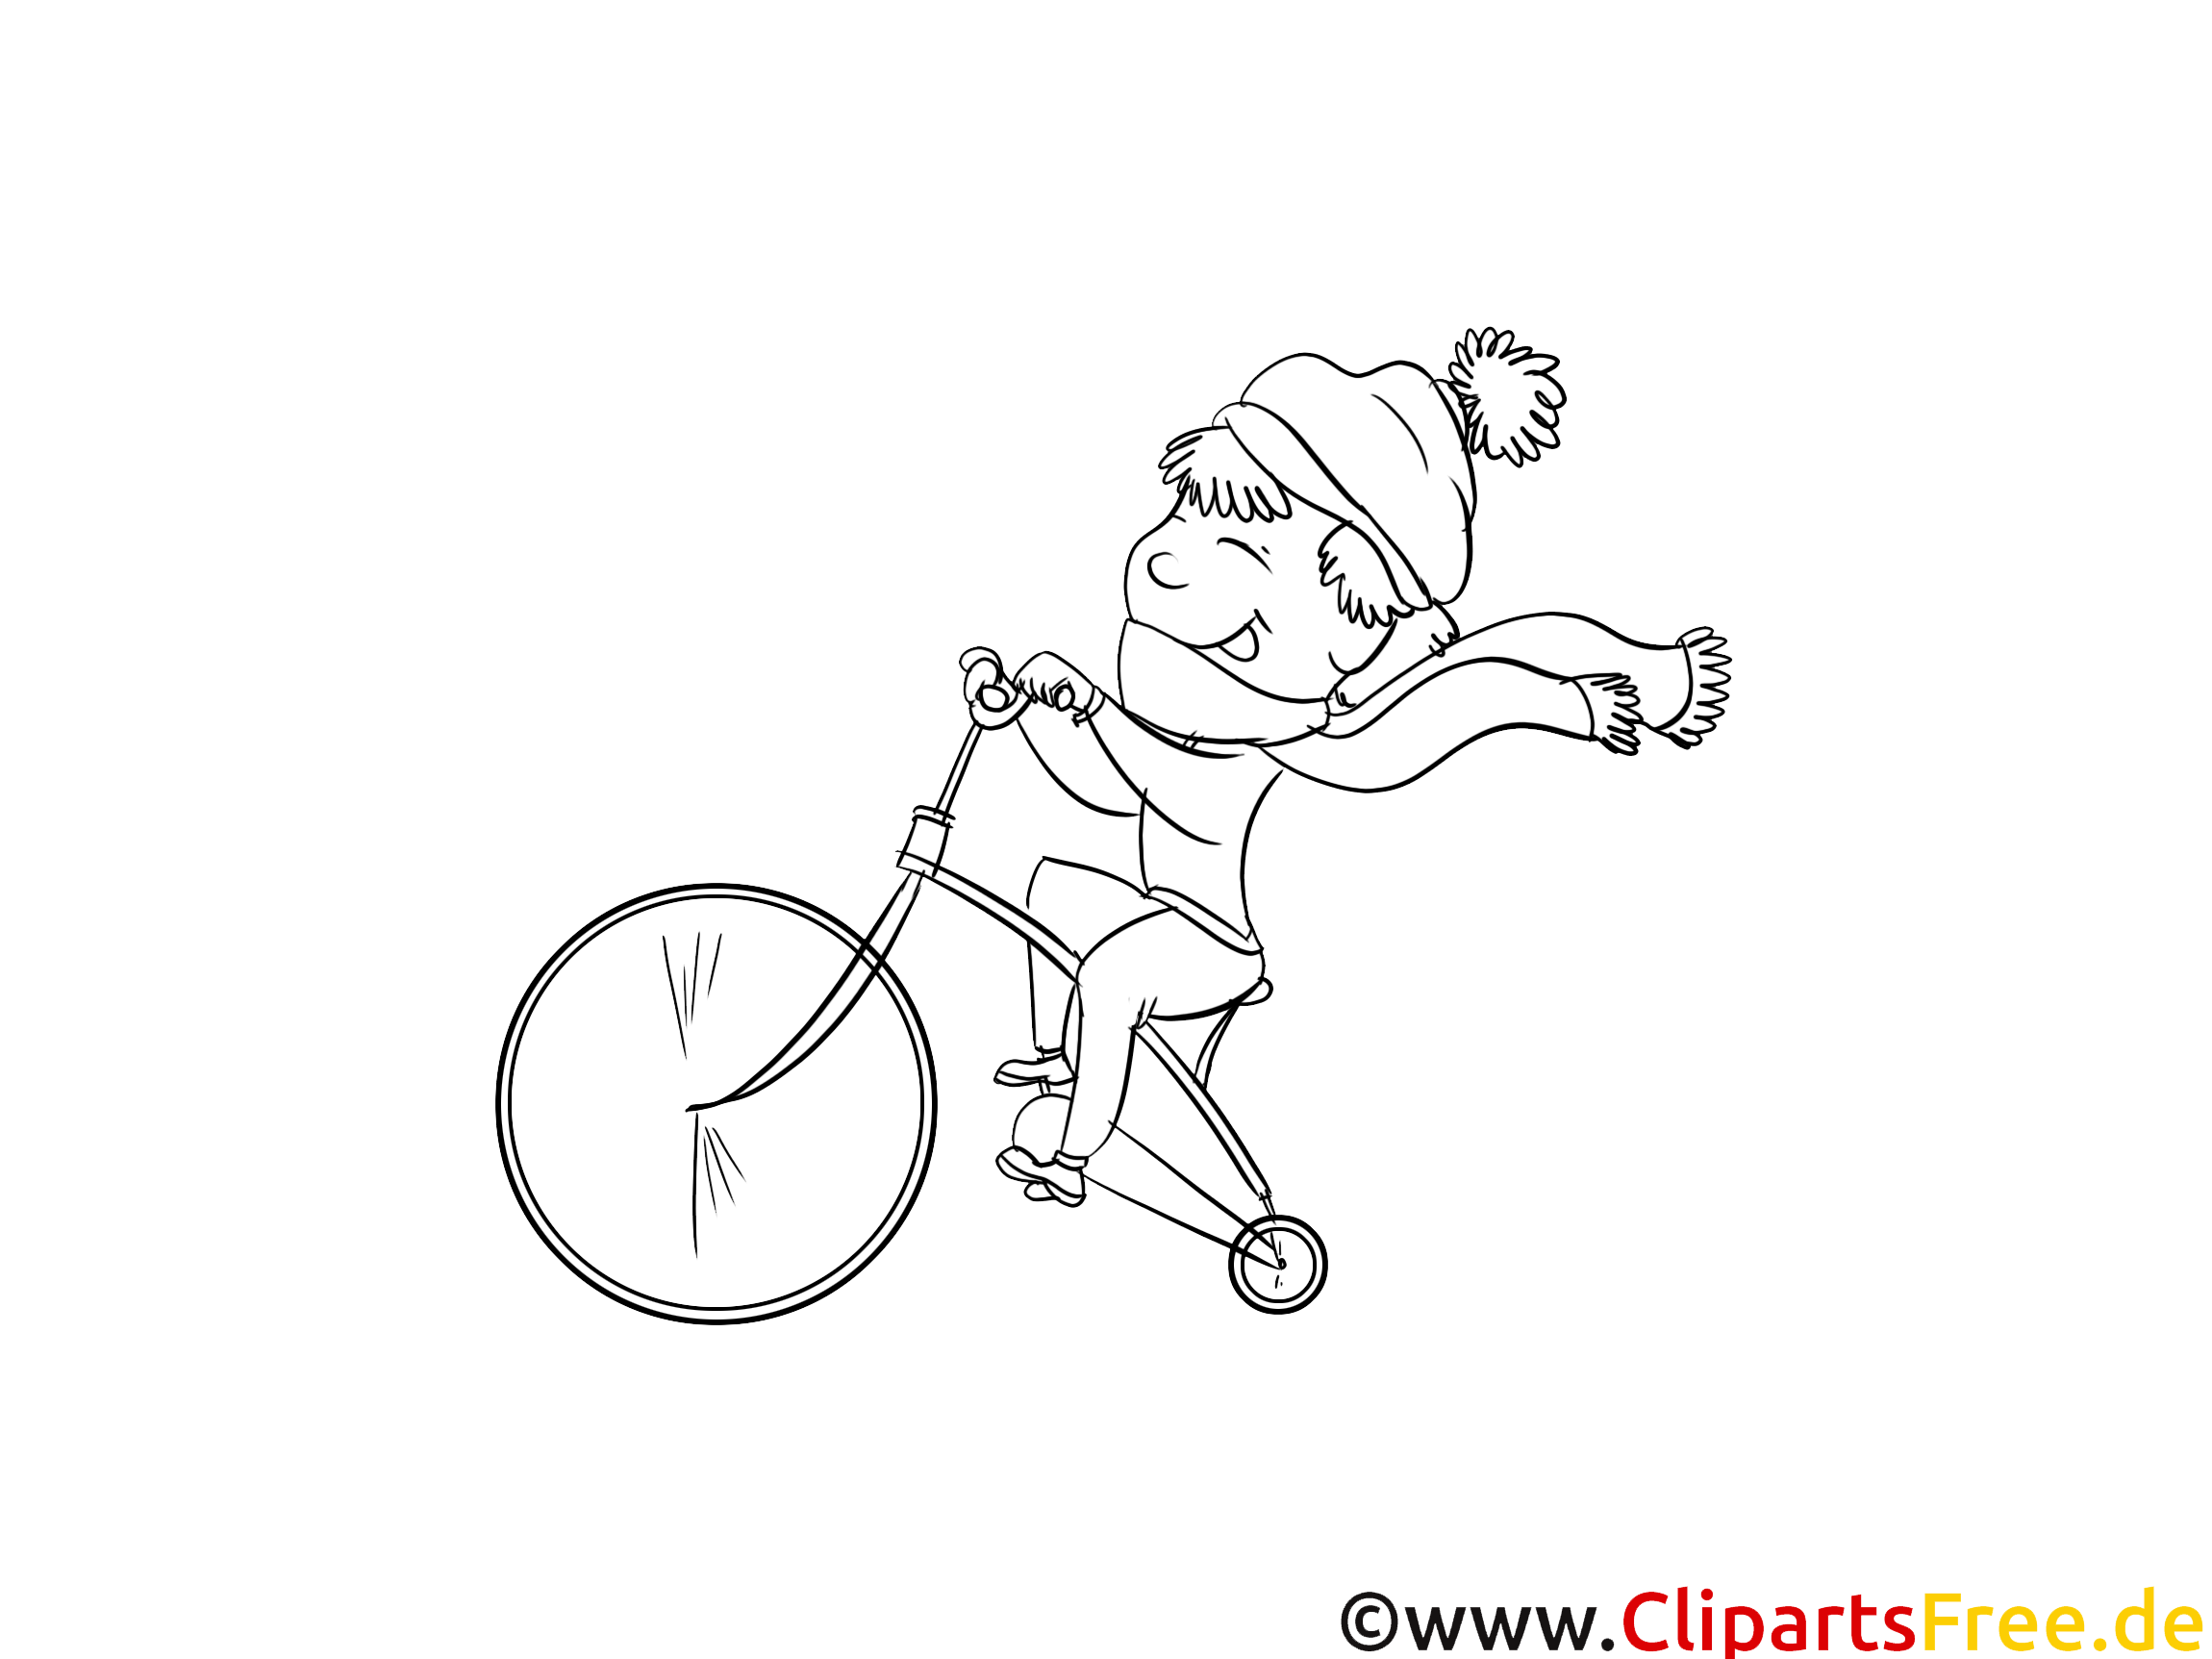 Berühmt Fahrrad Sicherheit Malvorlagen Zeitgenössisch - Druckbare ...